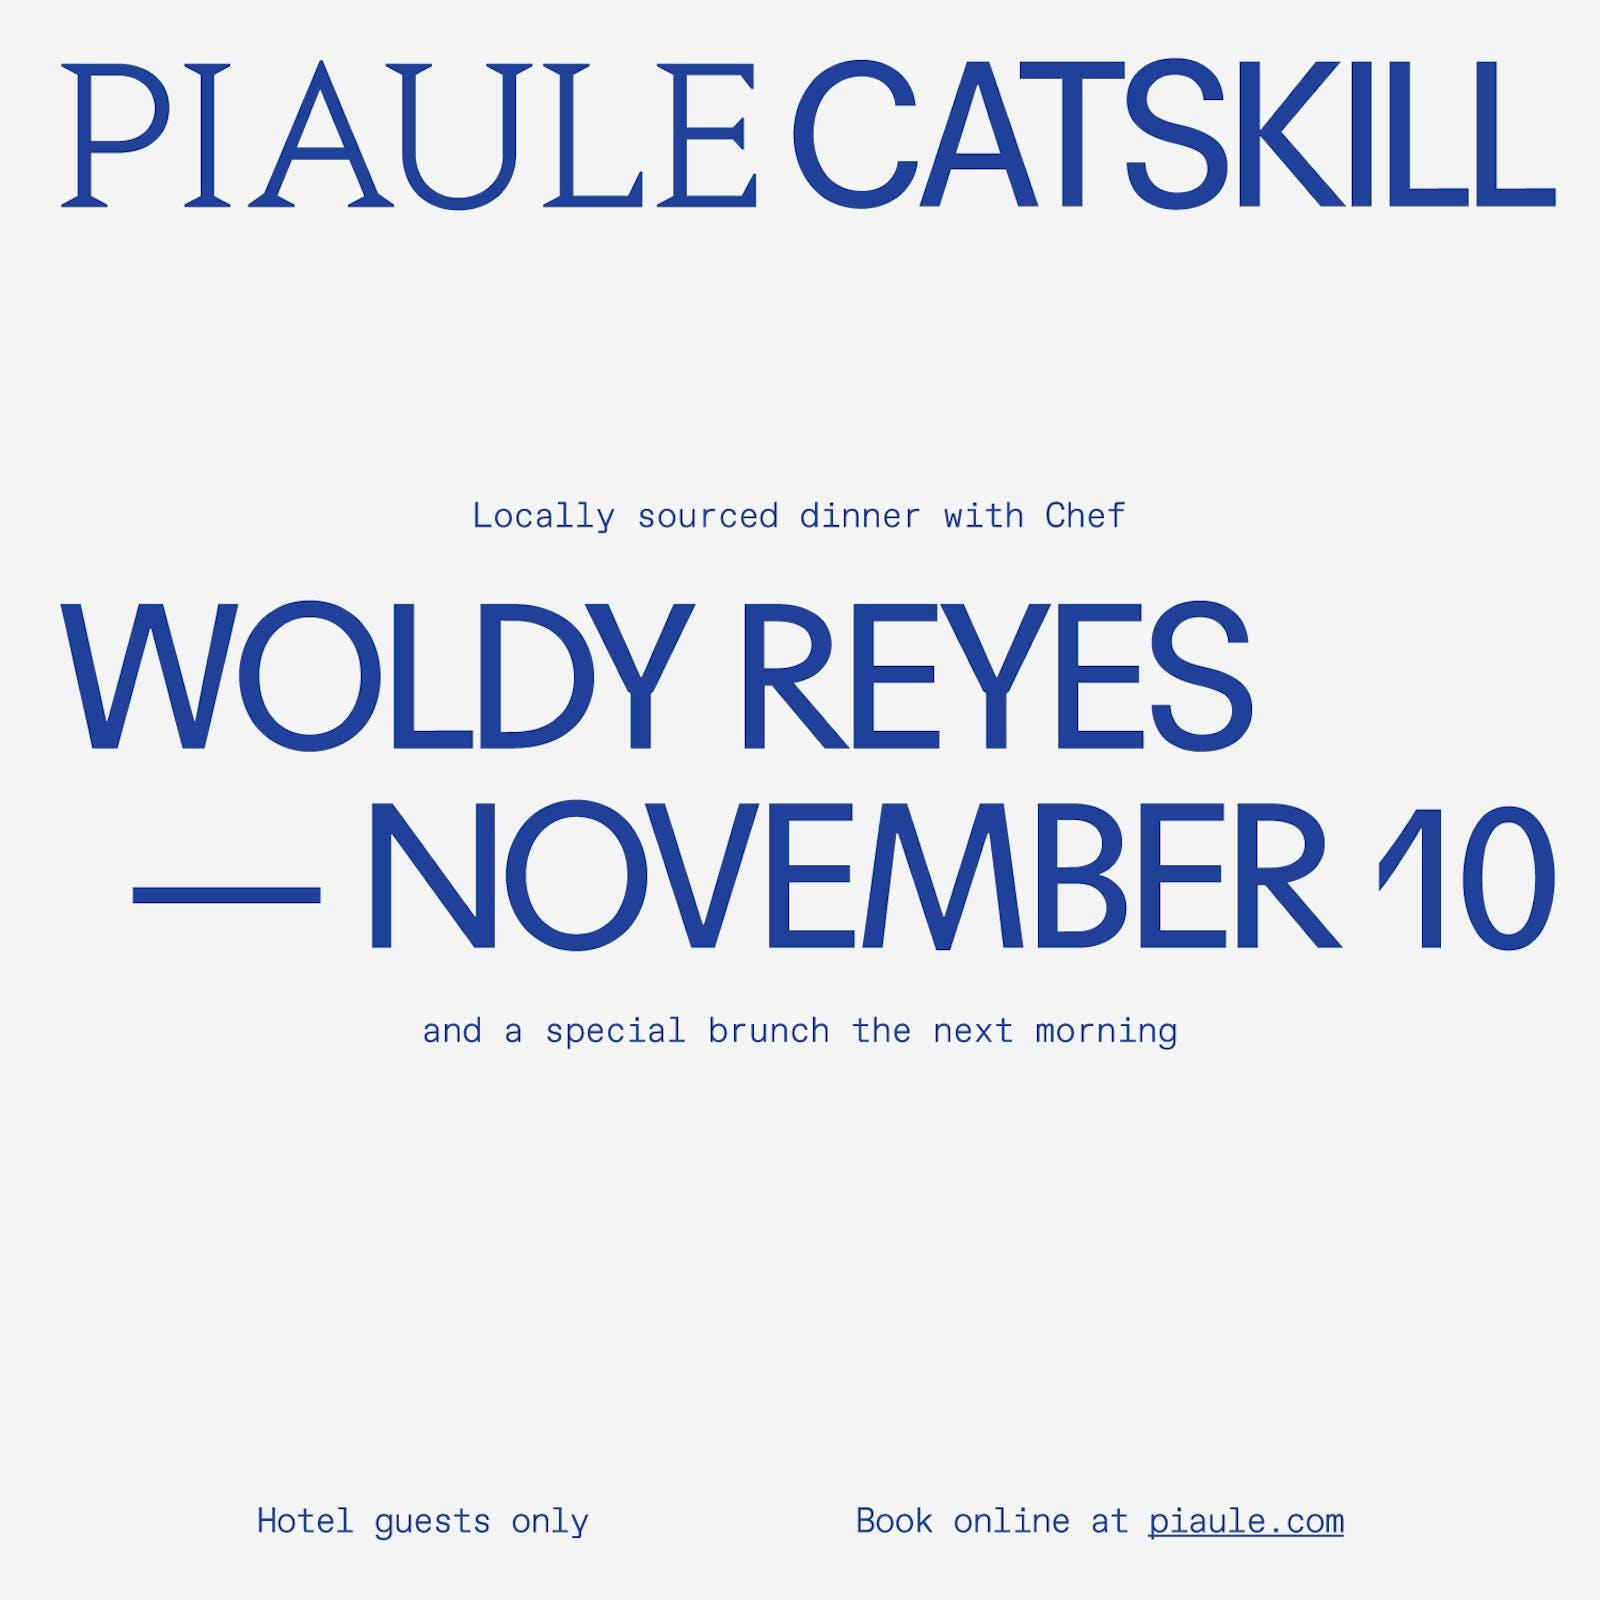 Chef Woldy Reyes at Piaule Catskill